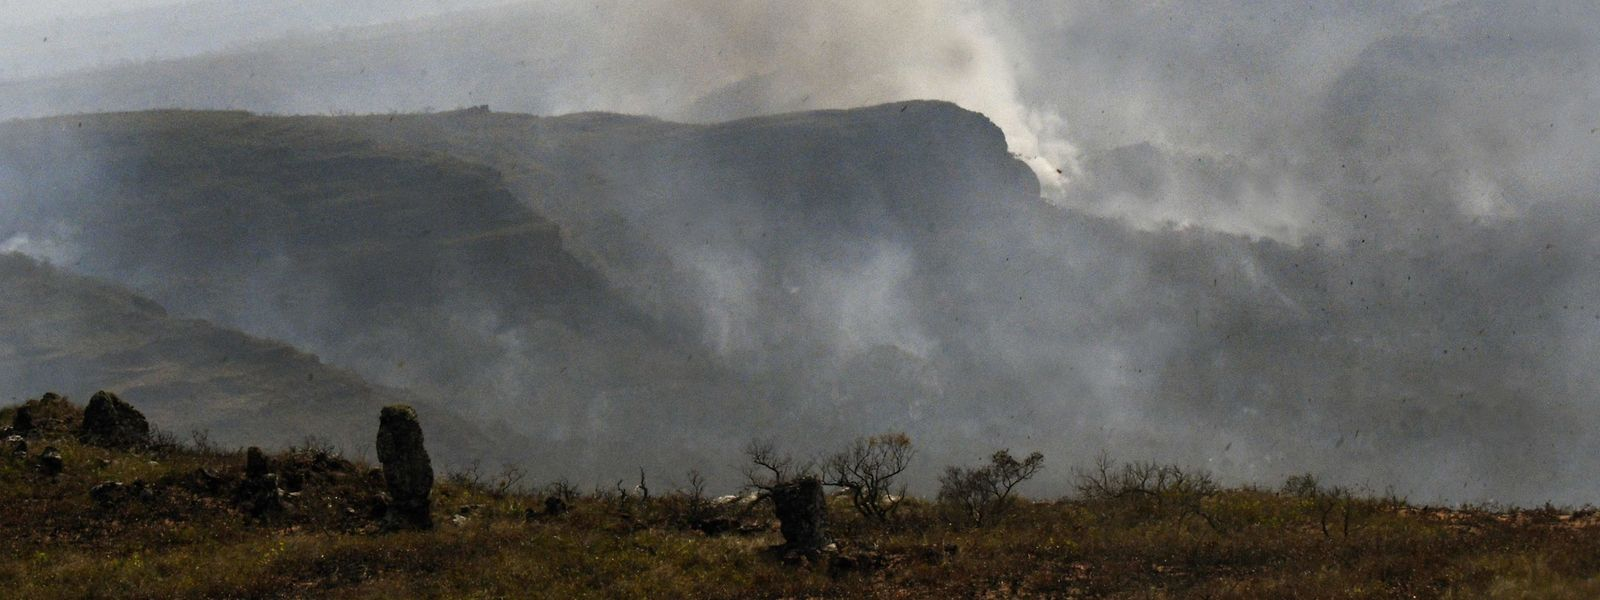 Nach Einschätzung von Umweltschützern haben Farmer die jüngsten Brände im Amazonasgebiet gelegt, um neue Weideflächen für ihre Viehherden oder Felder für den Sojaanbau zu schaffen.